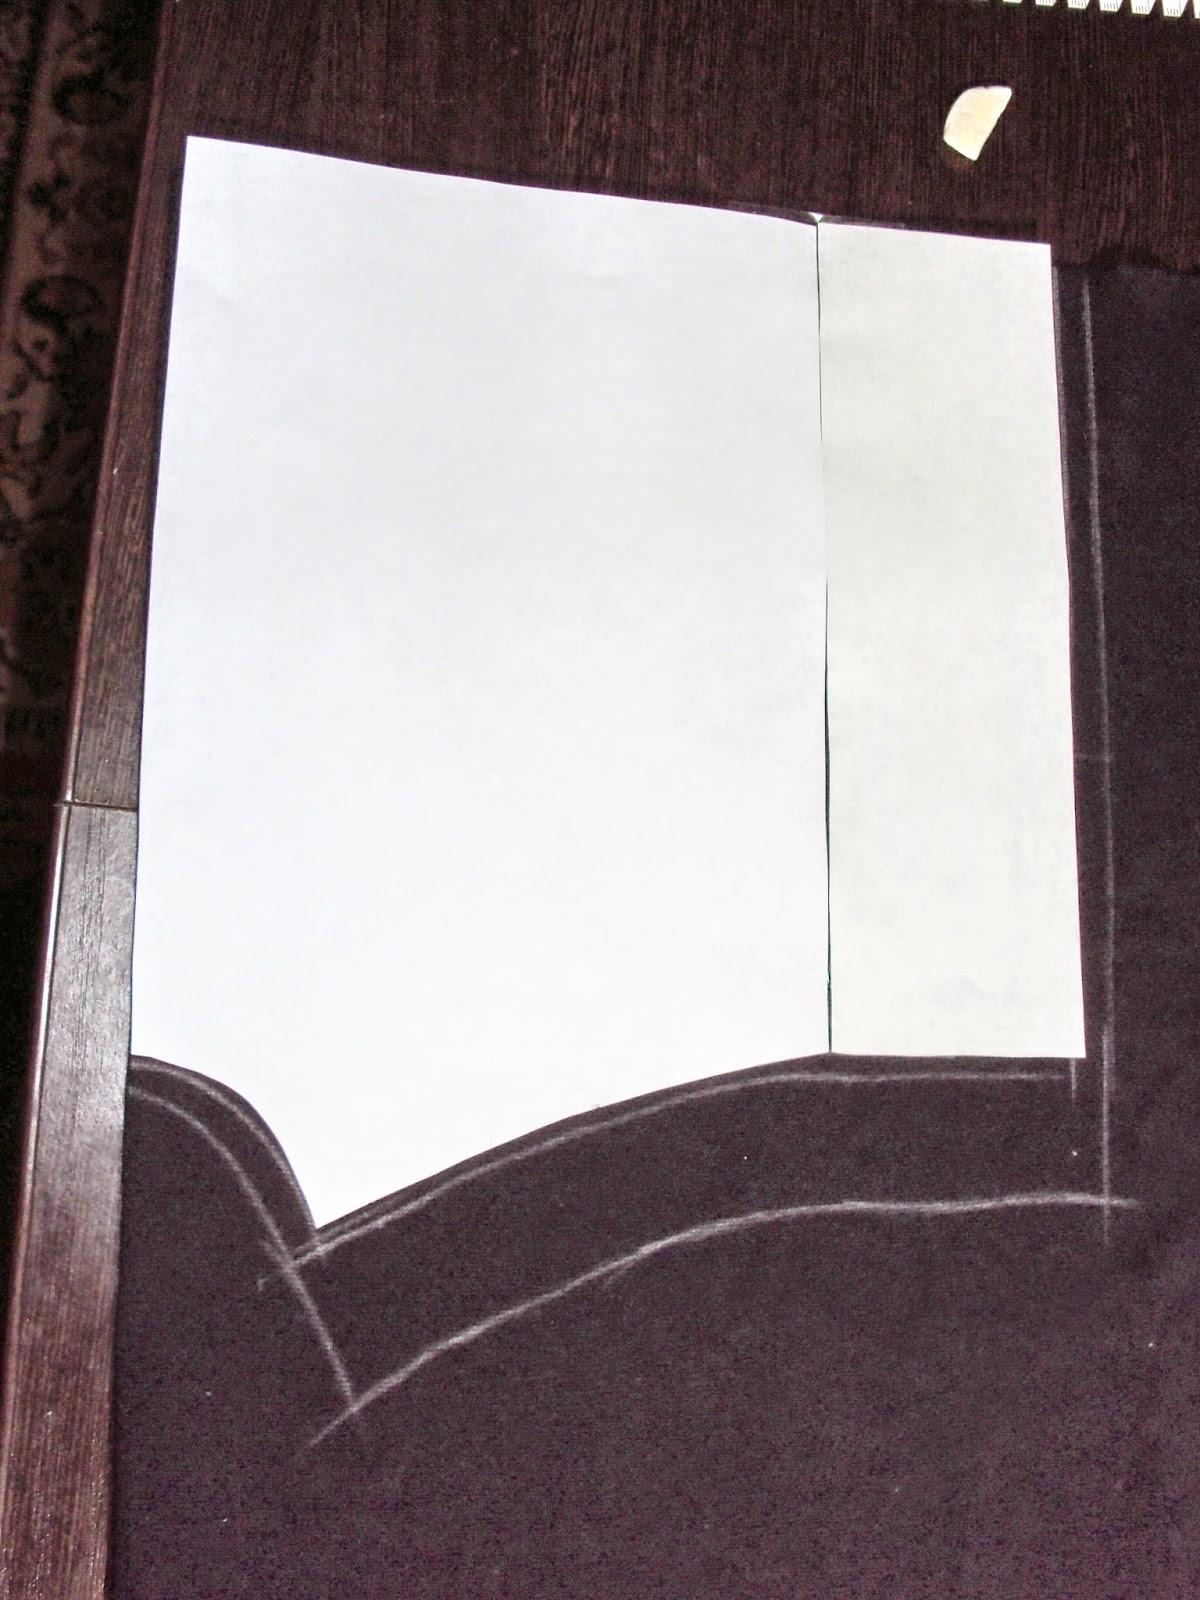 Трусы и ляжки фото 28 фотография